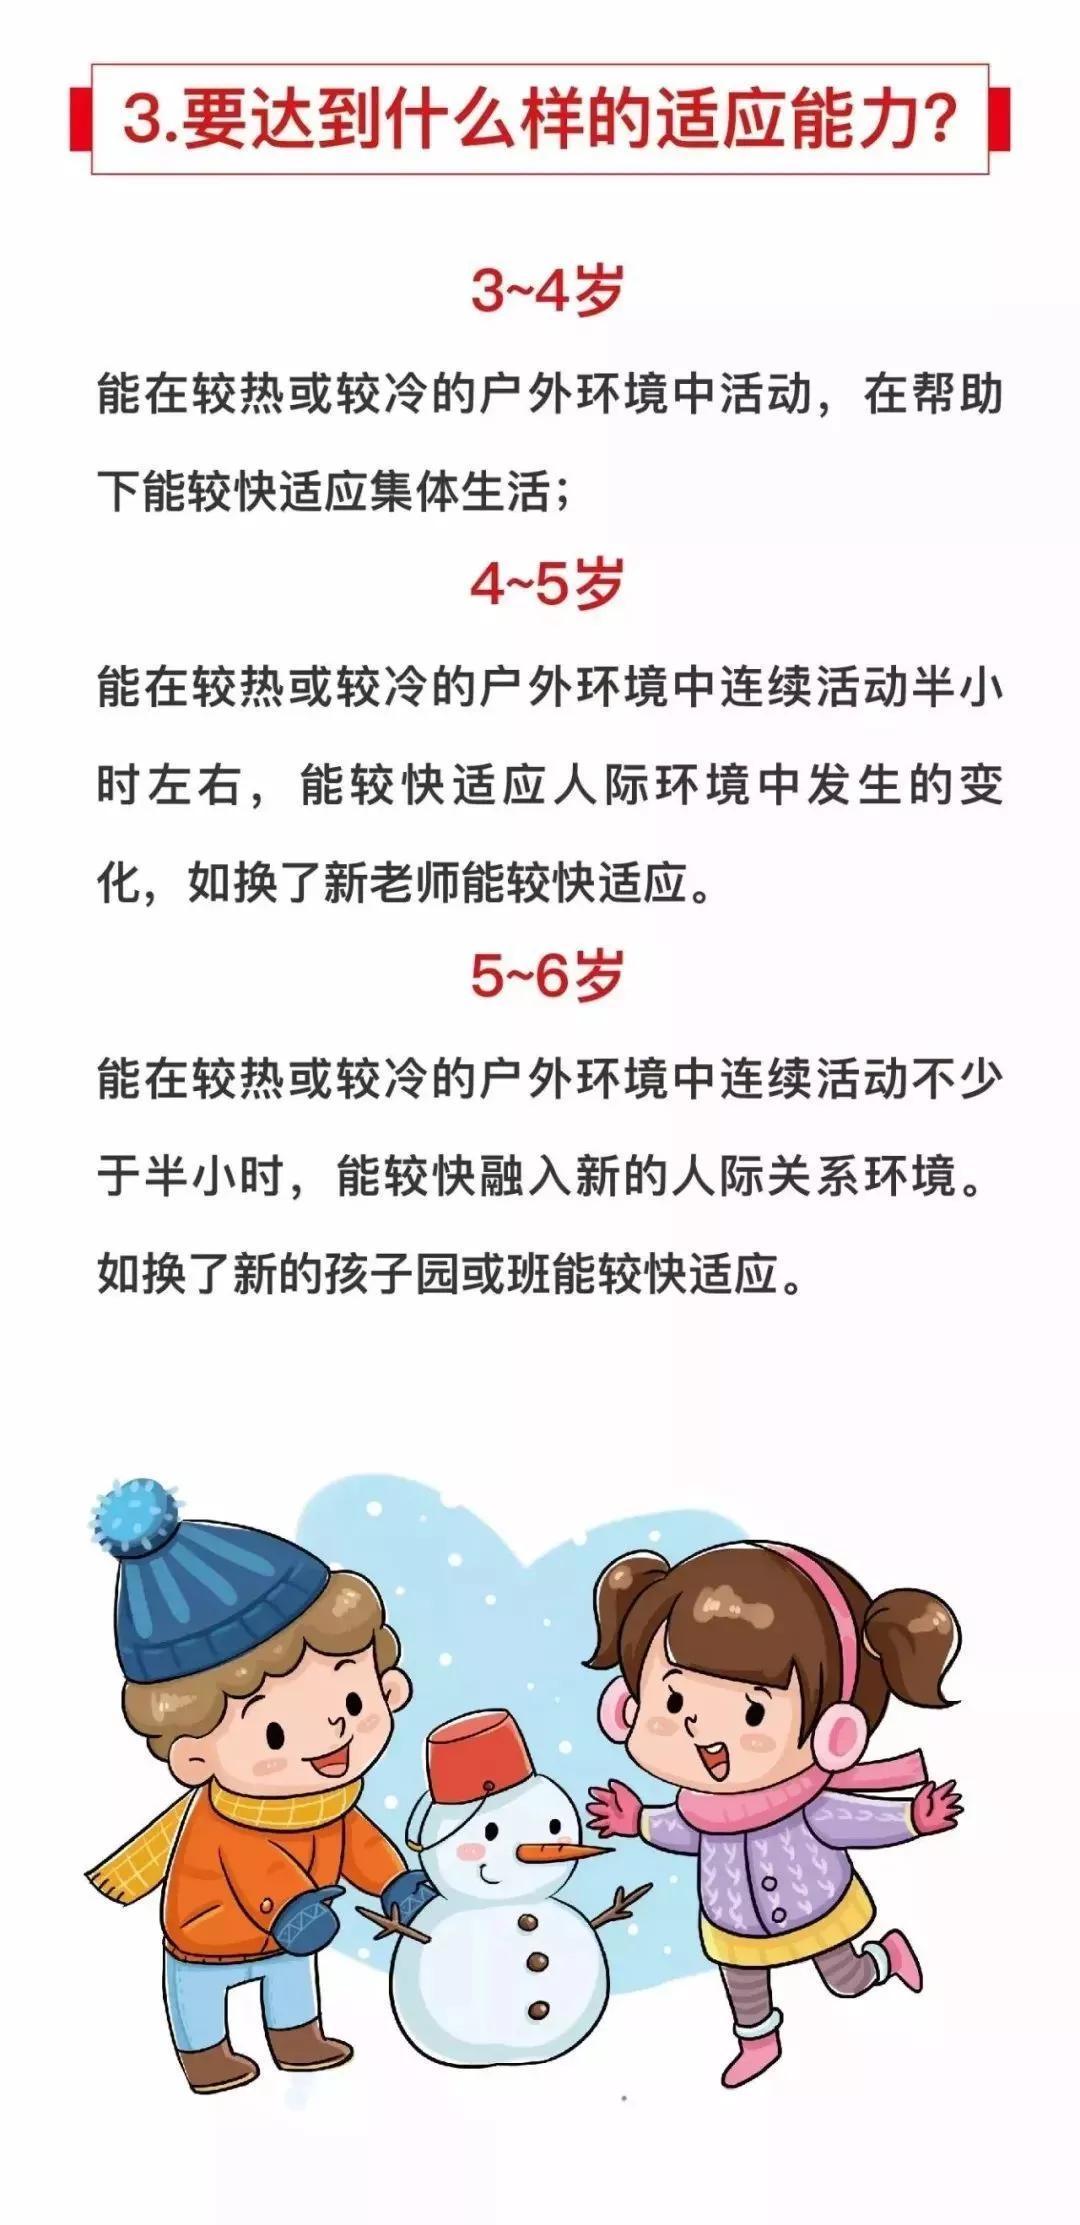 3-6岁孩子应该具备什么样的能力,六张图告诉你!